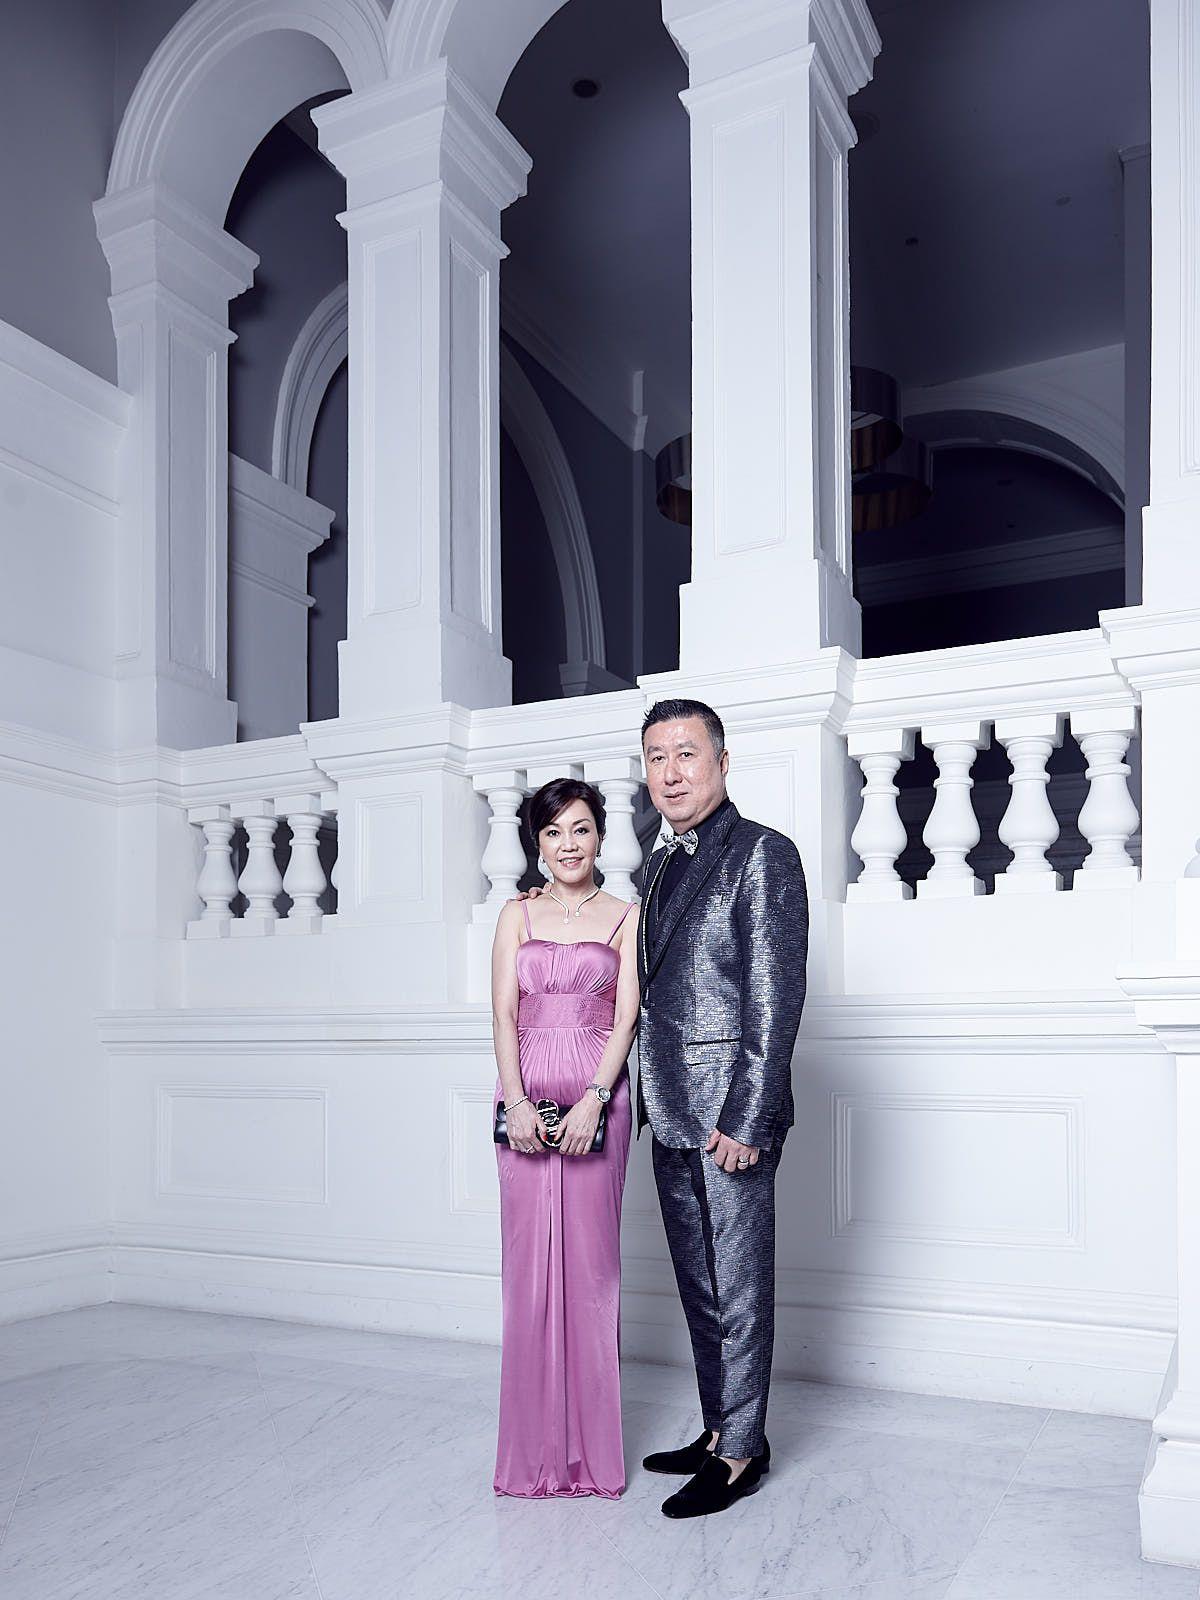 Emily Piak in Balmain, Jeffrey Piak in Dolce & Gabbana